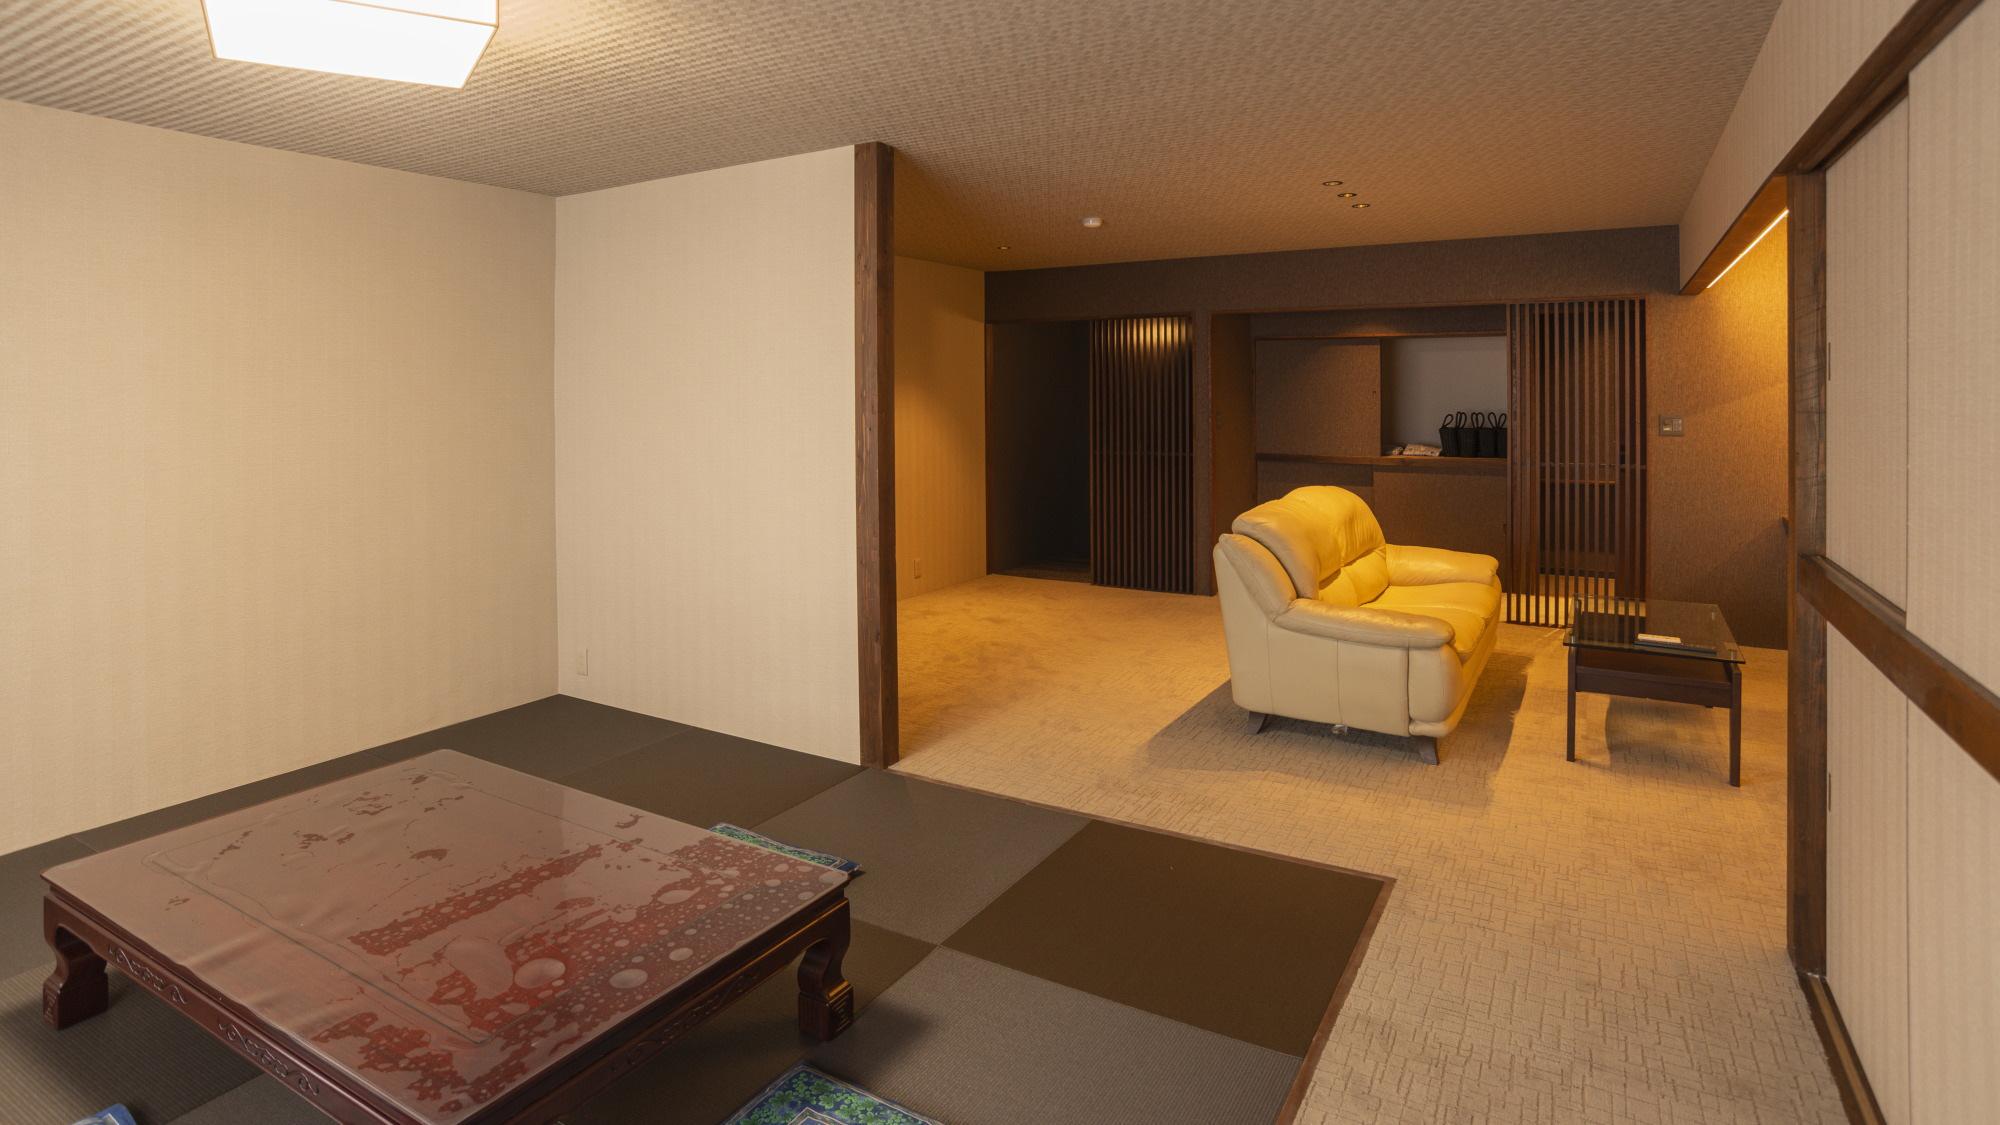 【和モダンコンフォート】リビングと和室がひと続きに、スタンダードよりもゆったり空間(写真は一例)